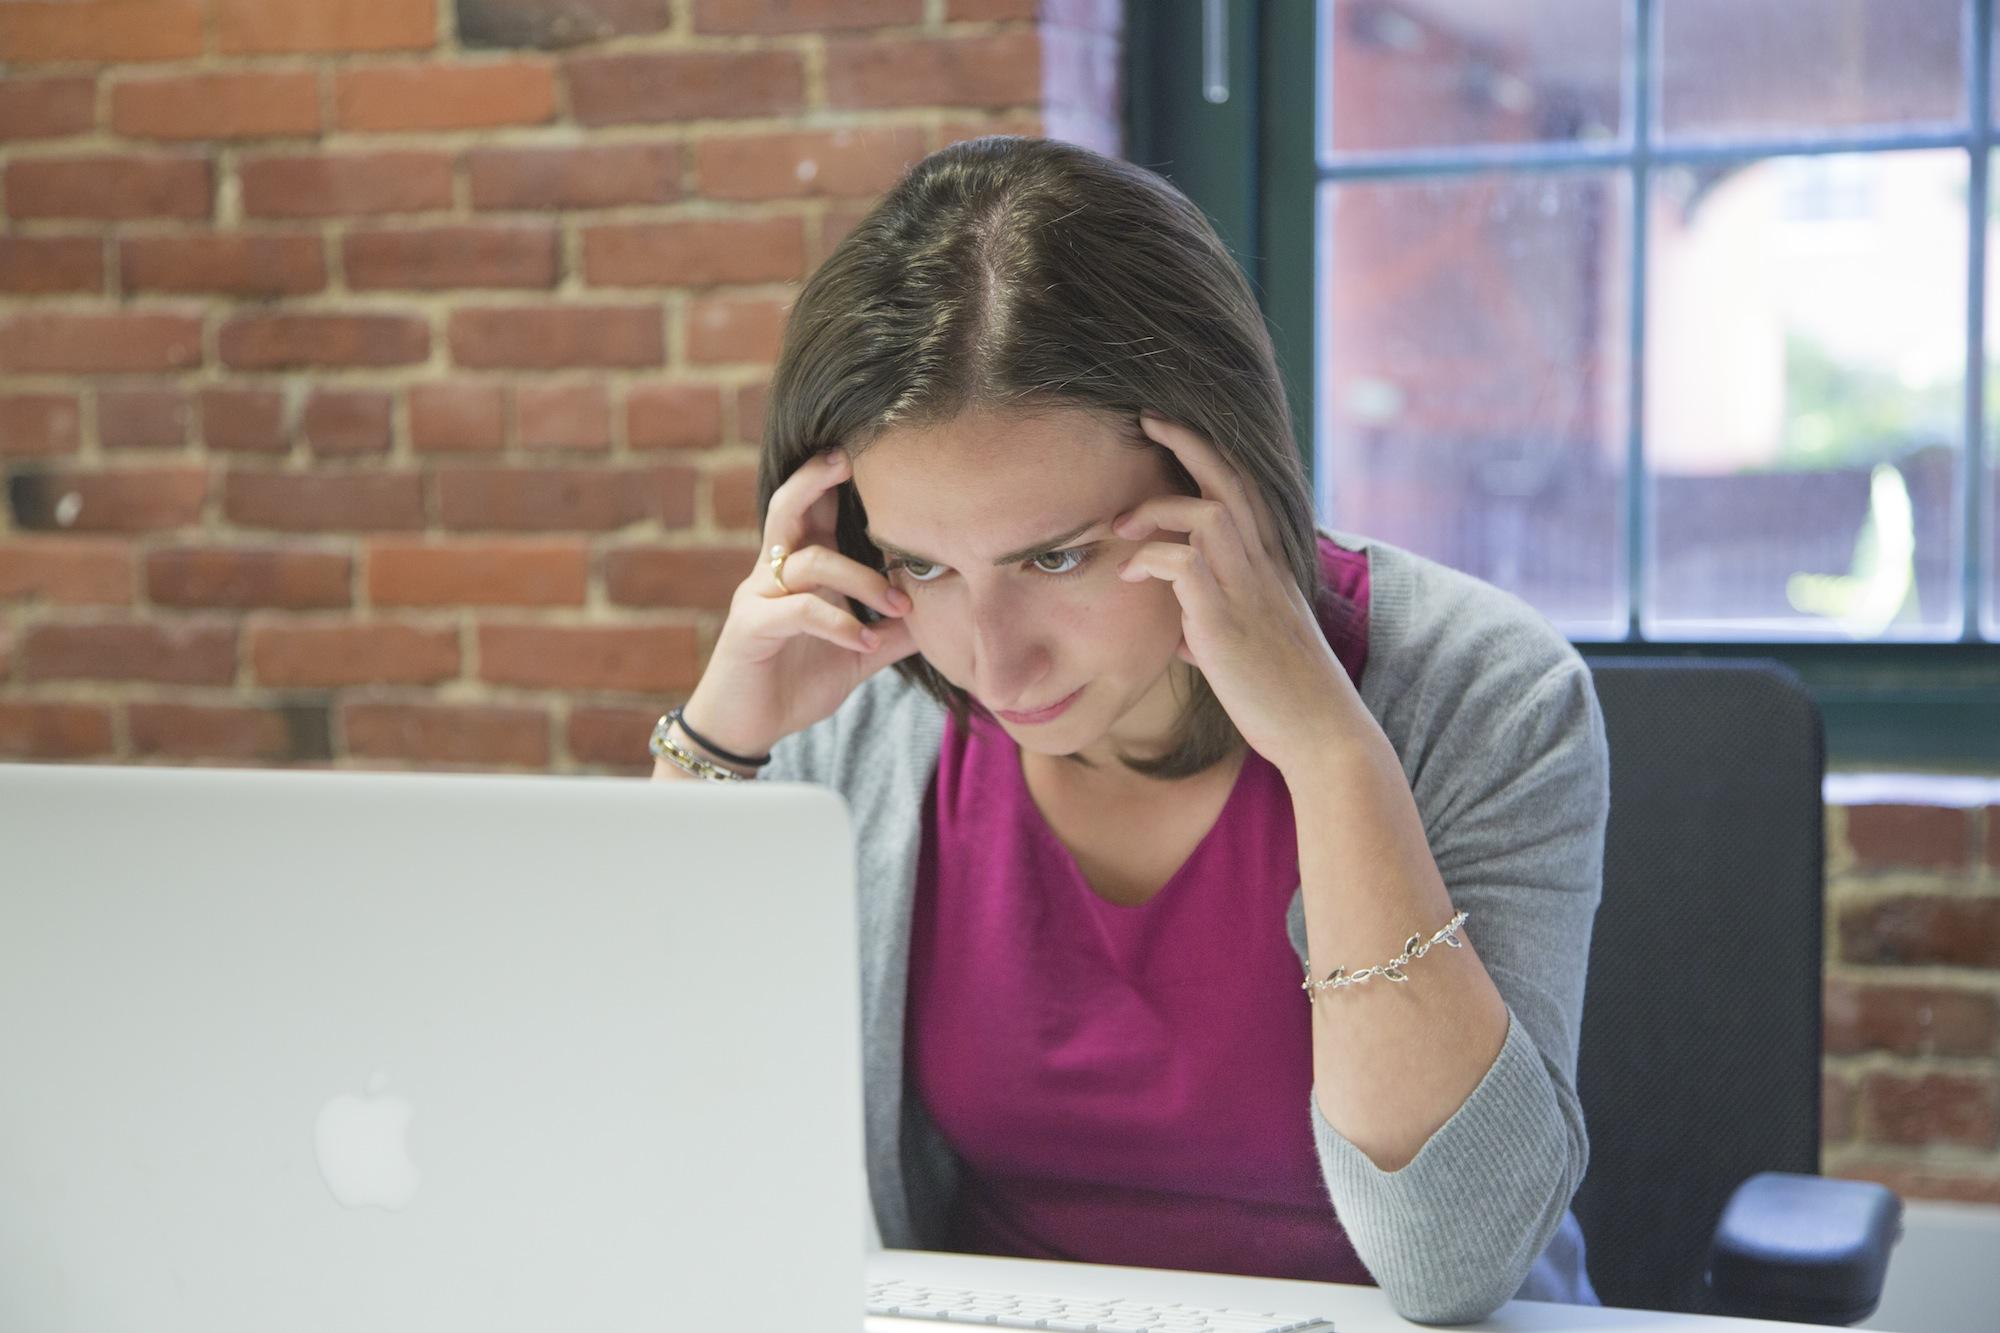 Woman staring at computer